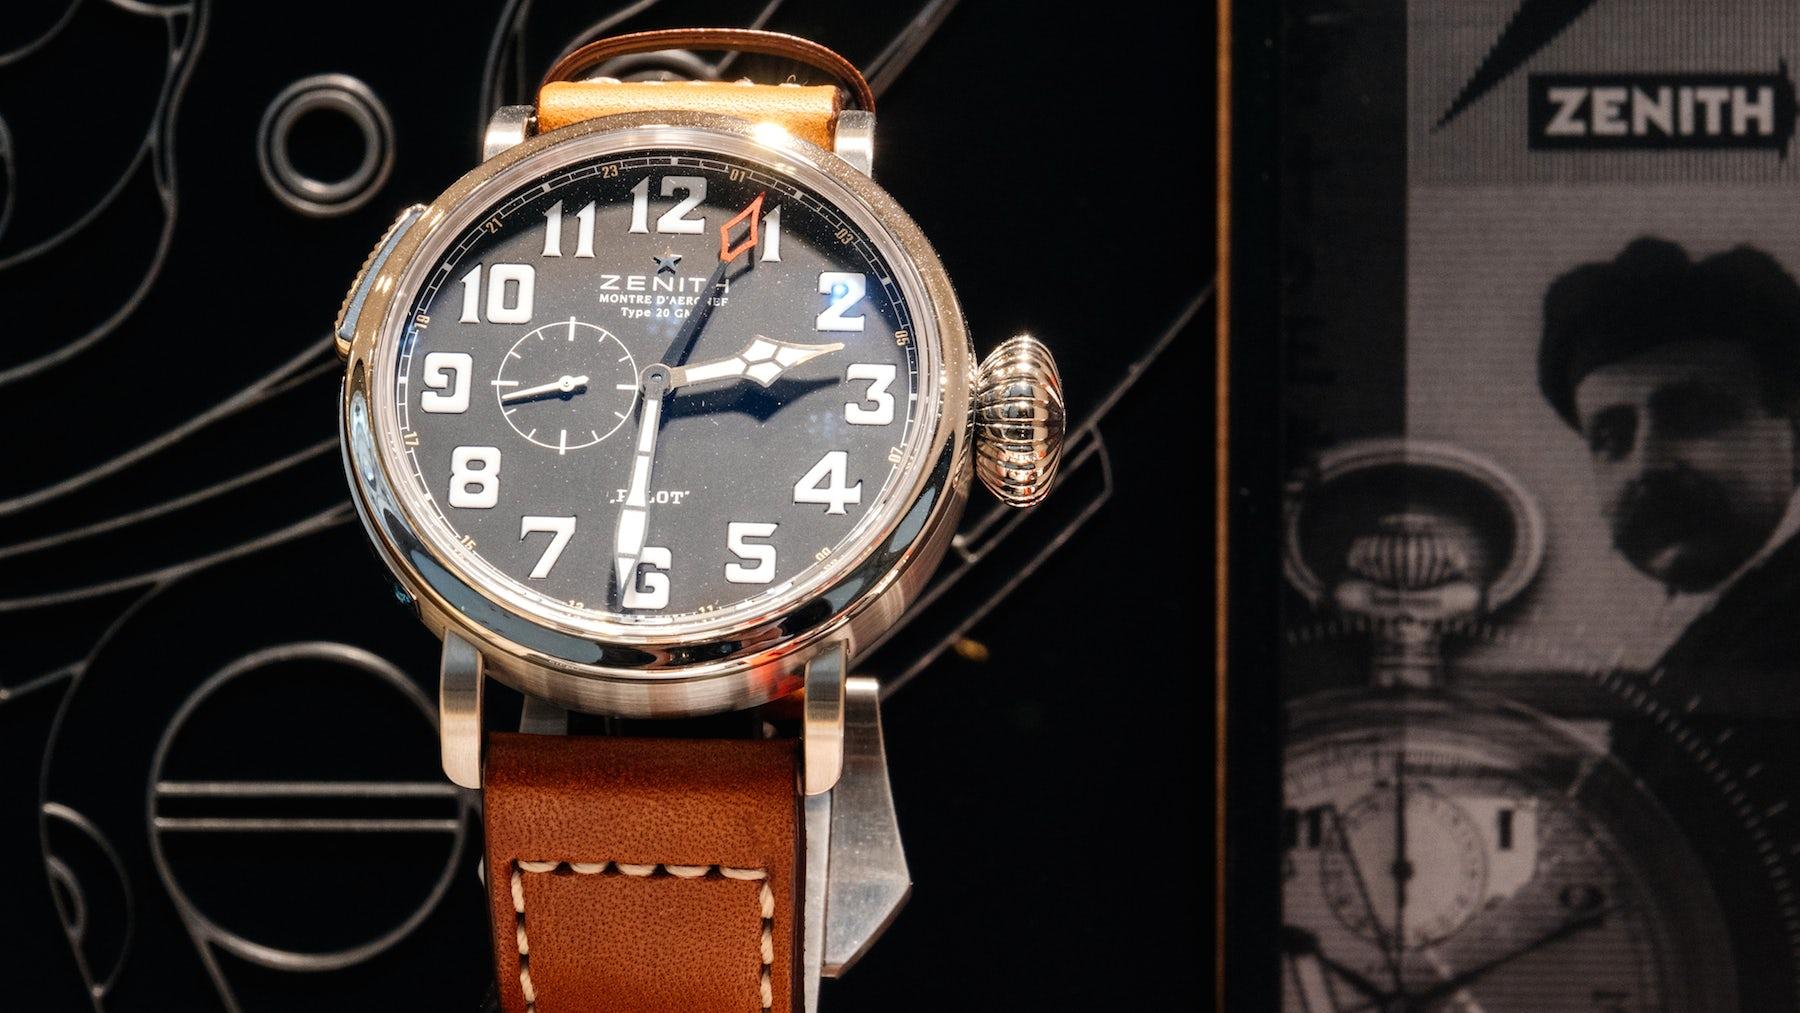 A Zenith watch | Source: Shutterstock